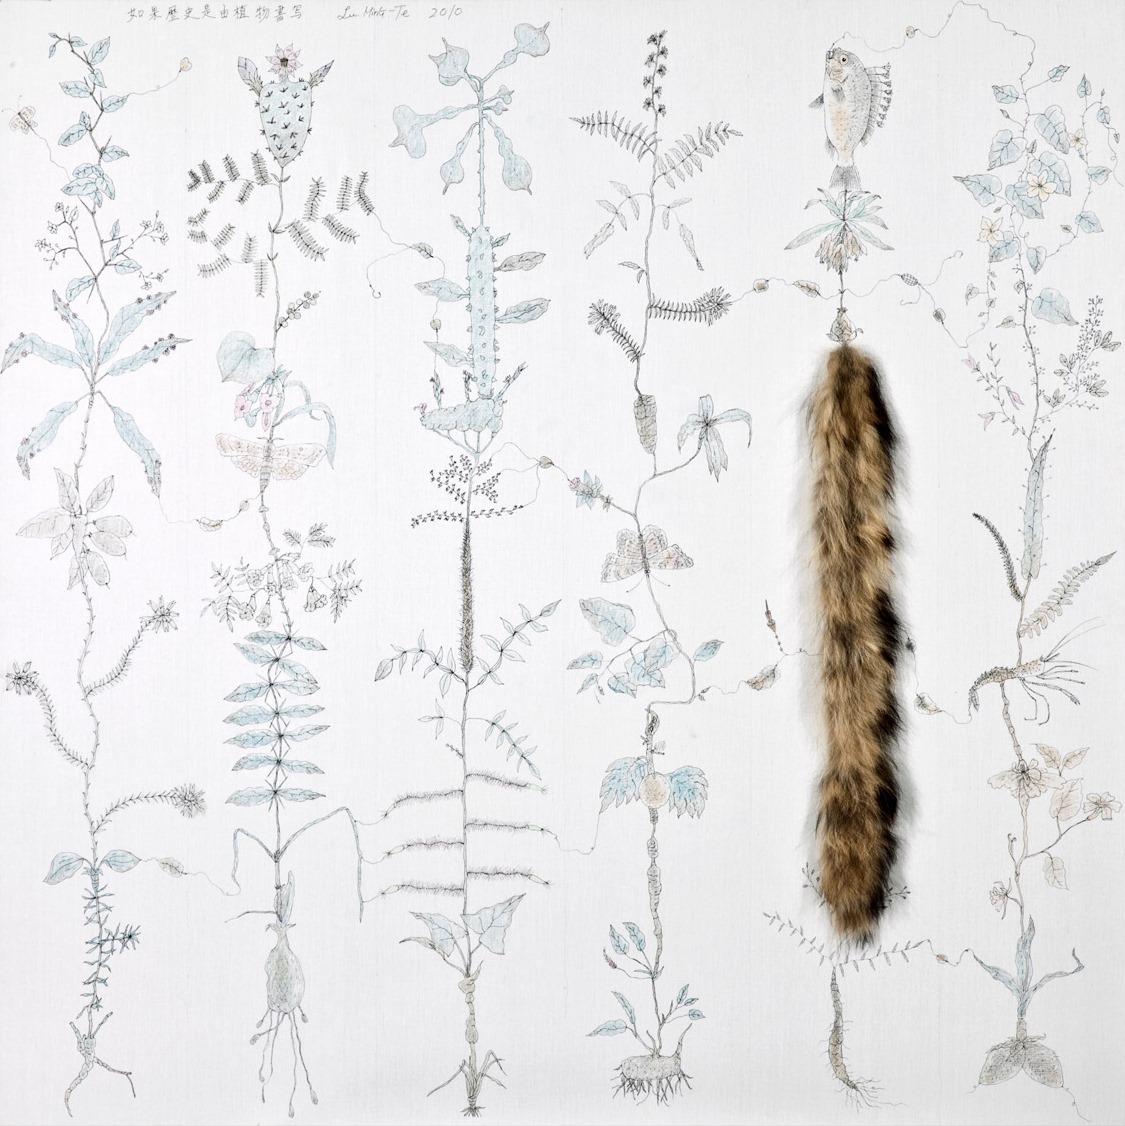 如果歷史是由植物書寫  150x150cm  2010  複合媒材